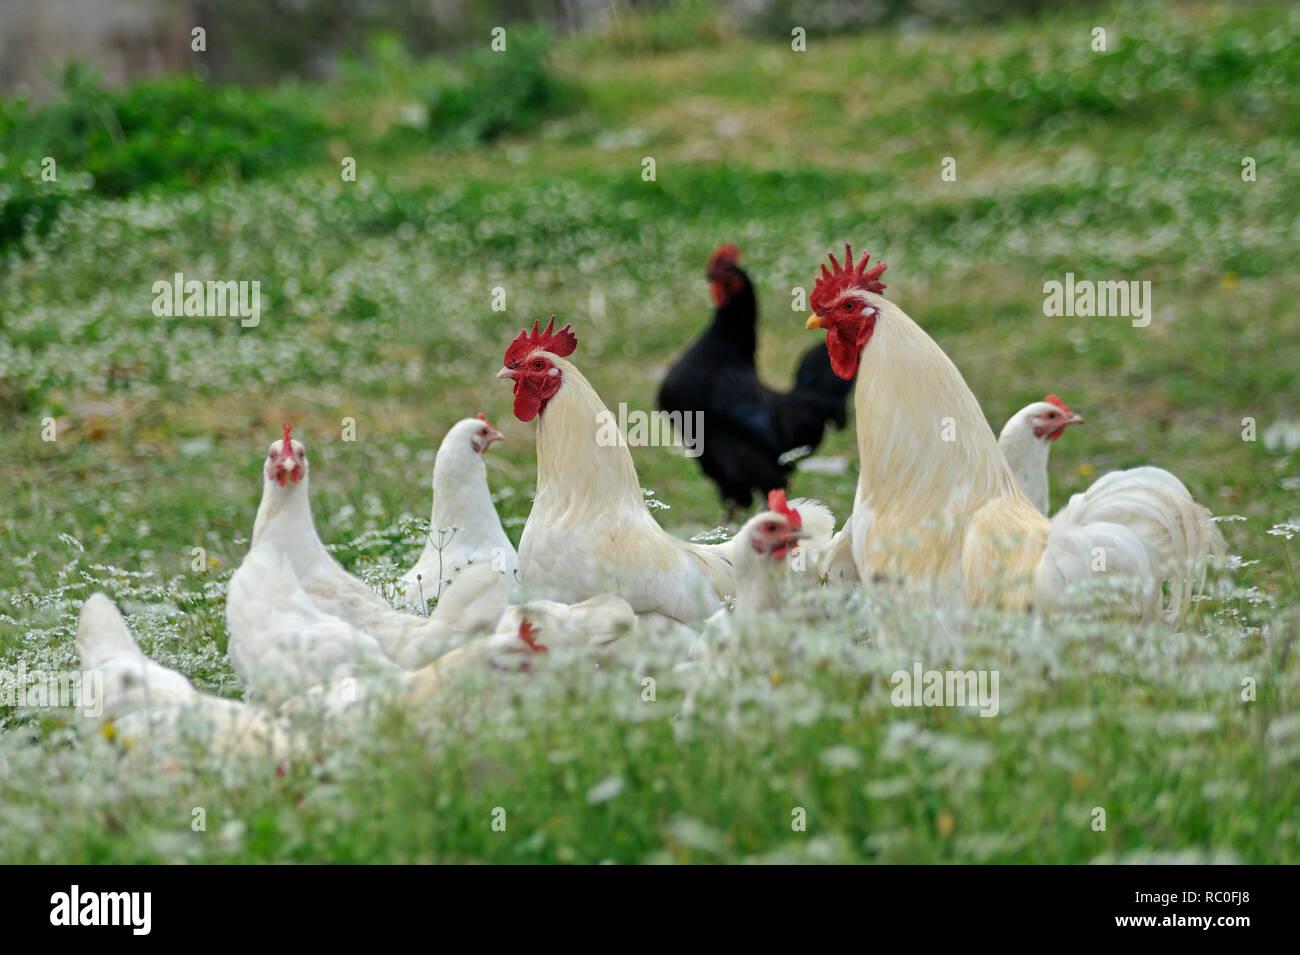 Haushuhn, Gallus gallus f.domesticus, Hühner und Hähne in freier Natur | Gallus gallus f. domesticus, poultry in natural surroundings - Stock Image